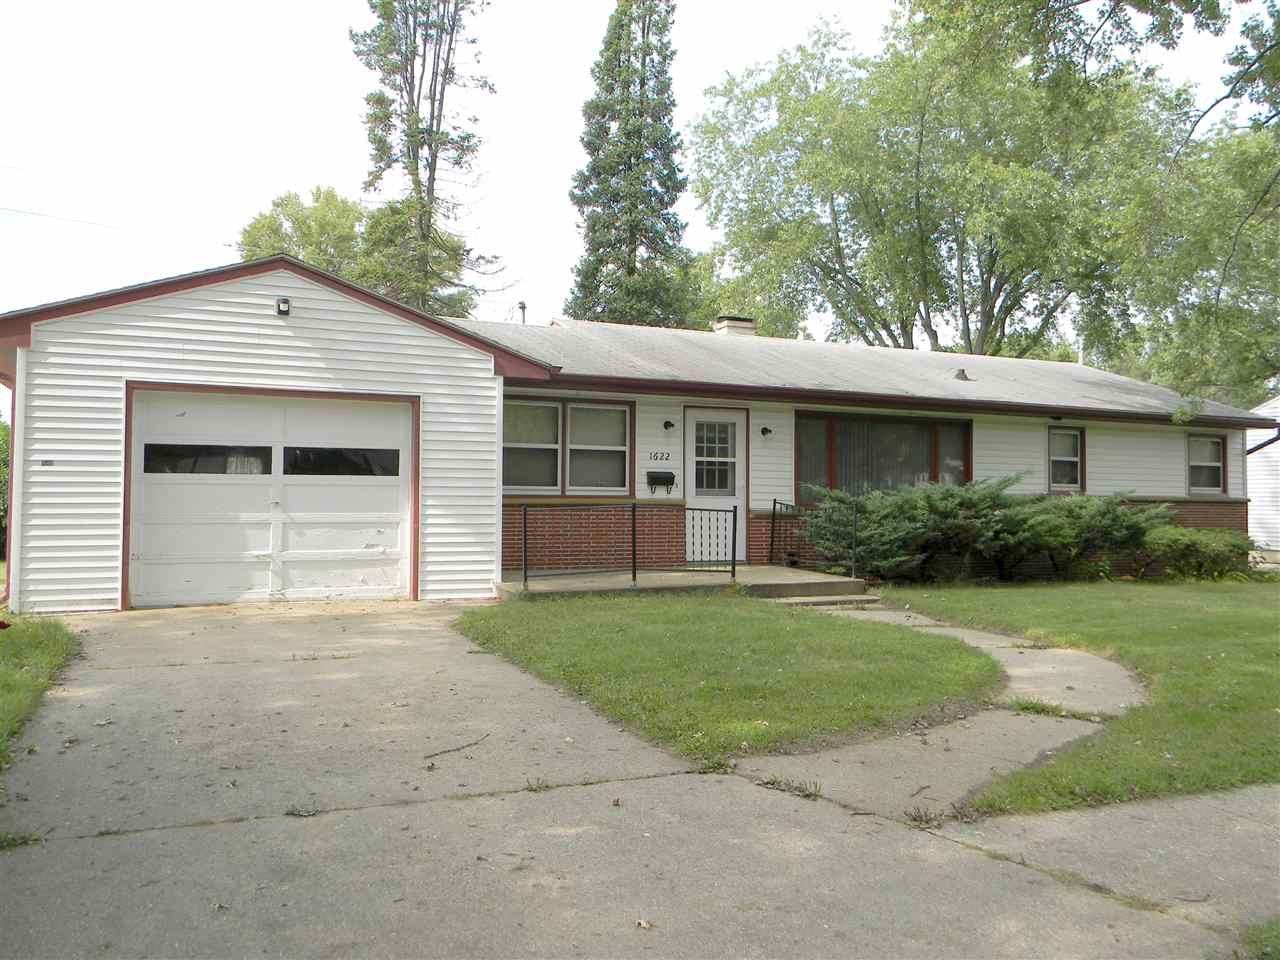 1622 Chapman Ave, Beloit, WI 53511 - #: 1893968